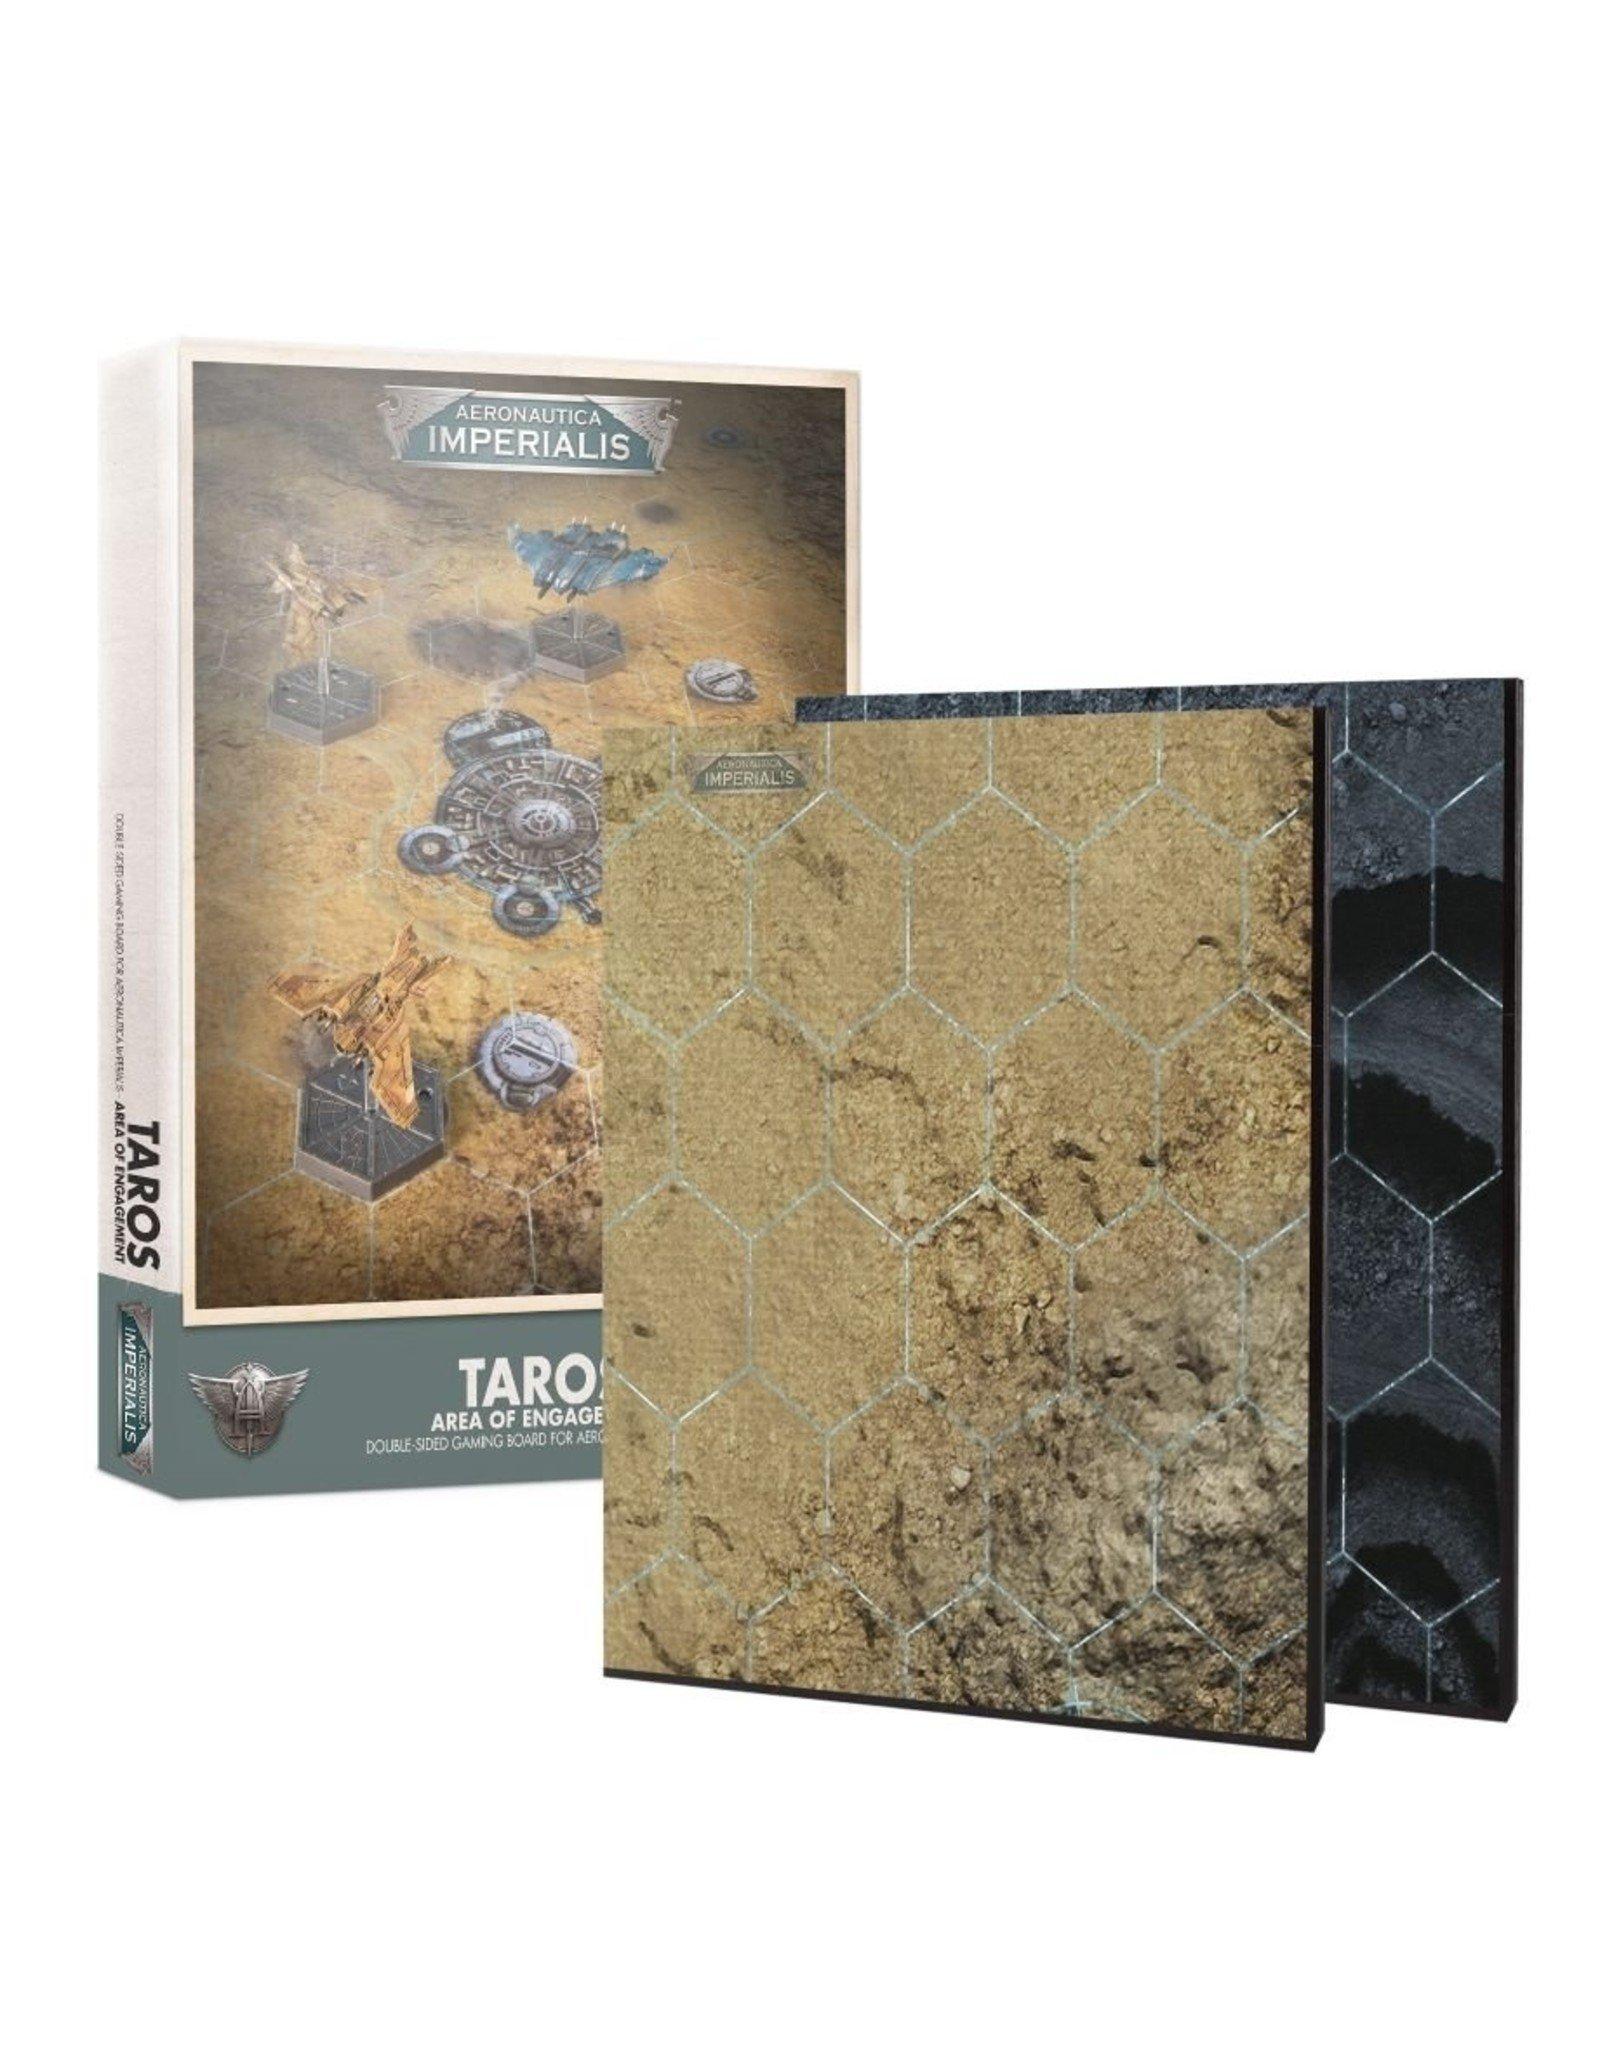 Games Workshop Aero/Imperialis: Area of Engagement: Taros